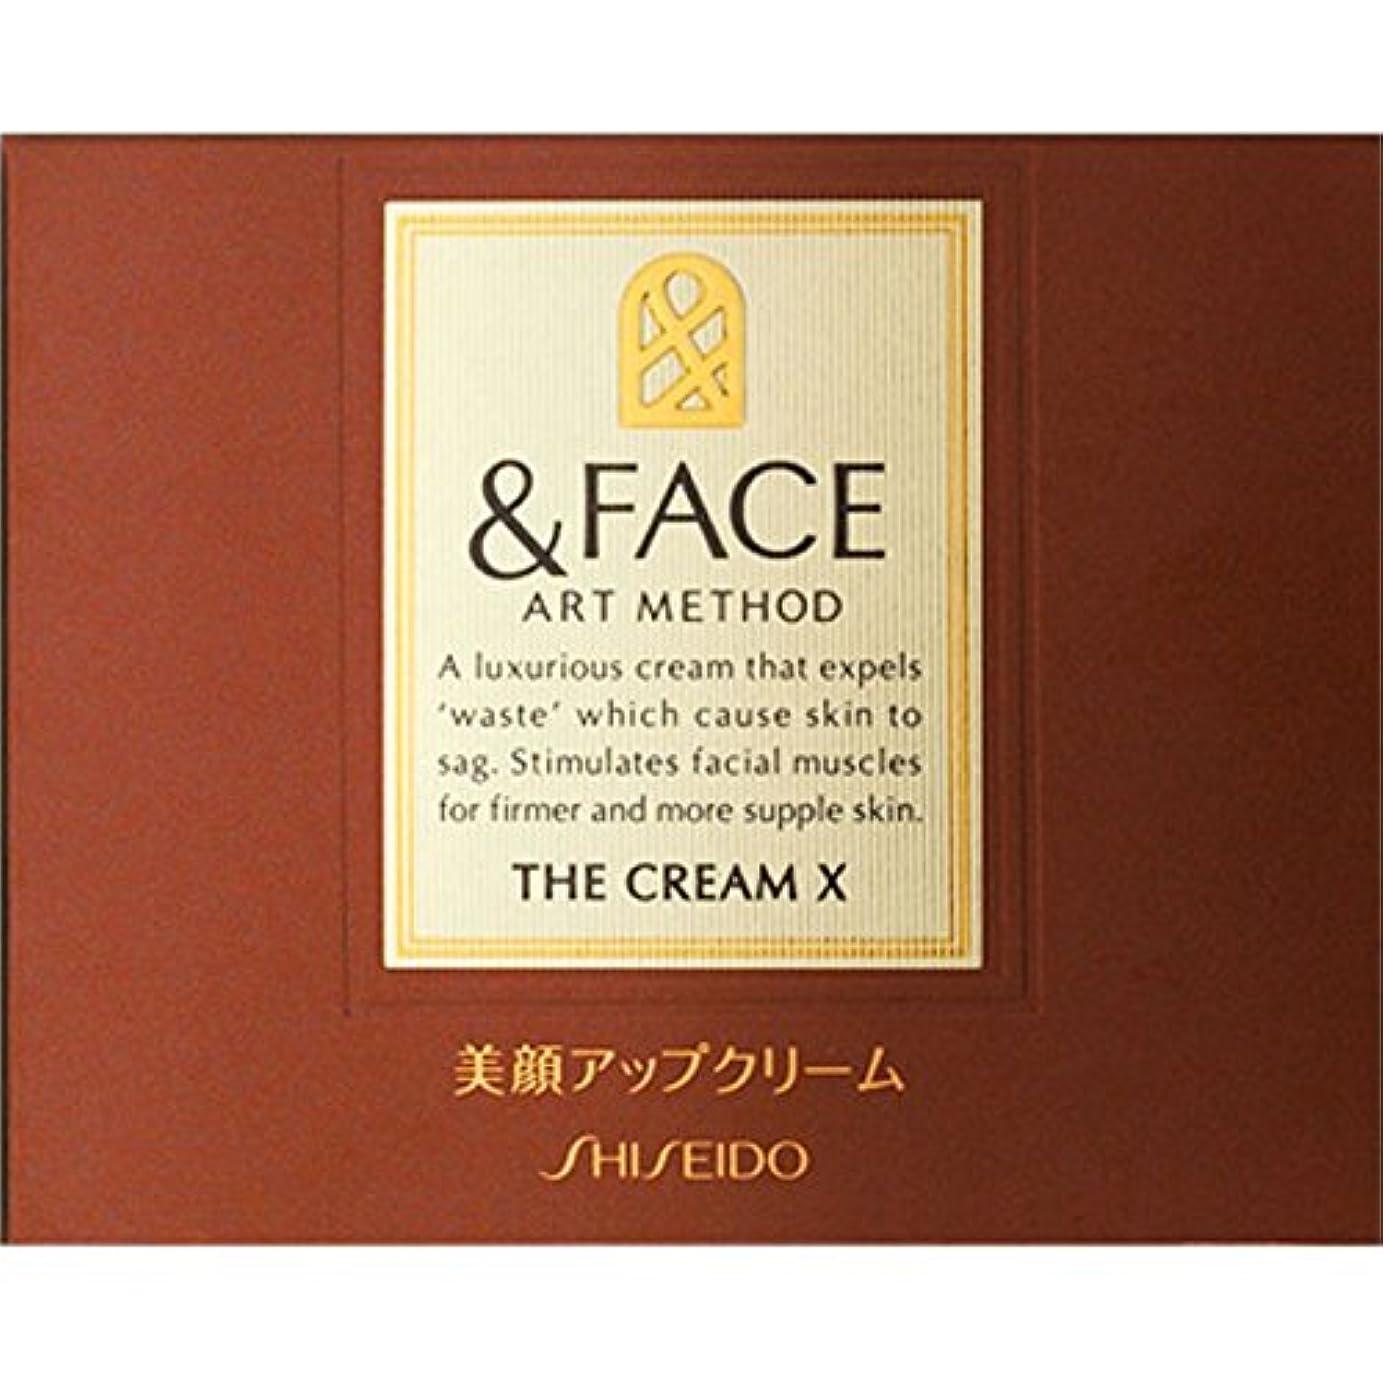 ブラウン困惑したぜいたく資生堂インターナショナル &FACEアートメソッドザクリームX - (医薬部外品)